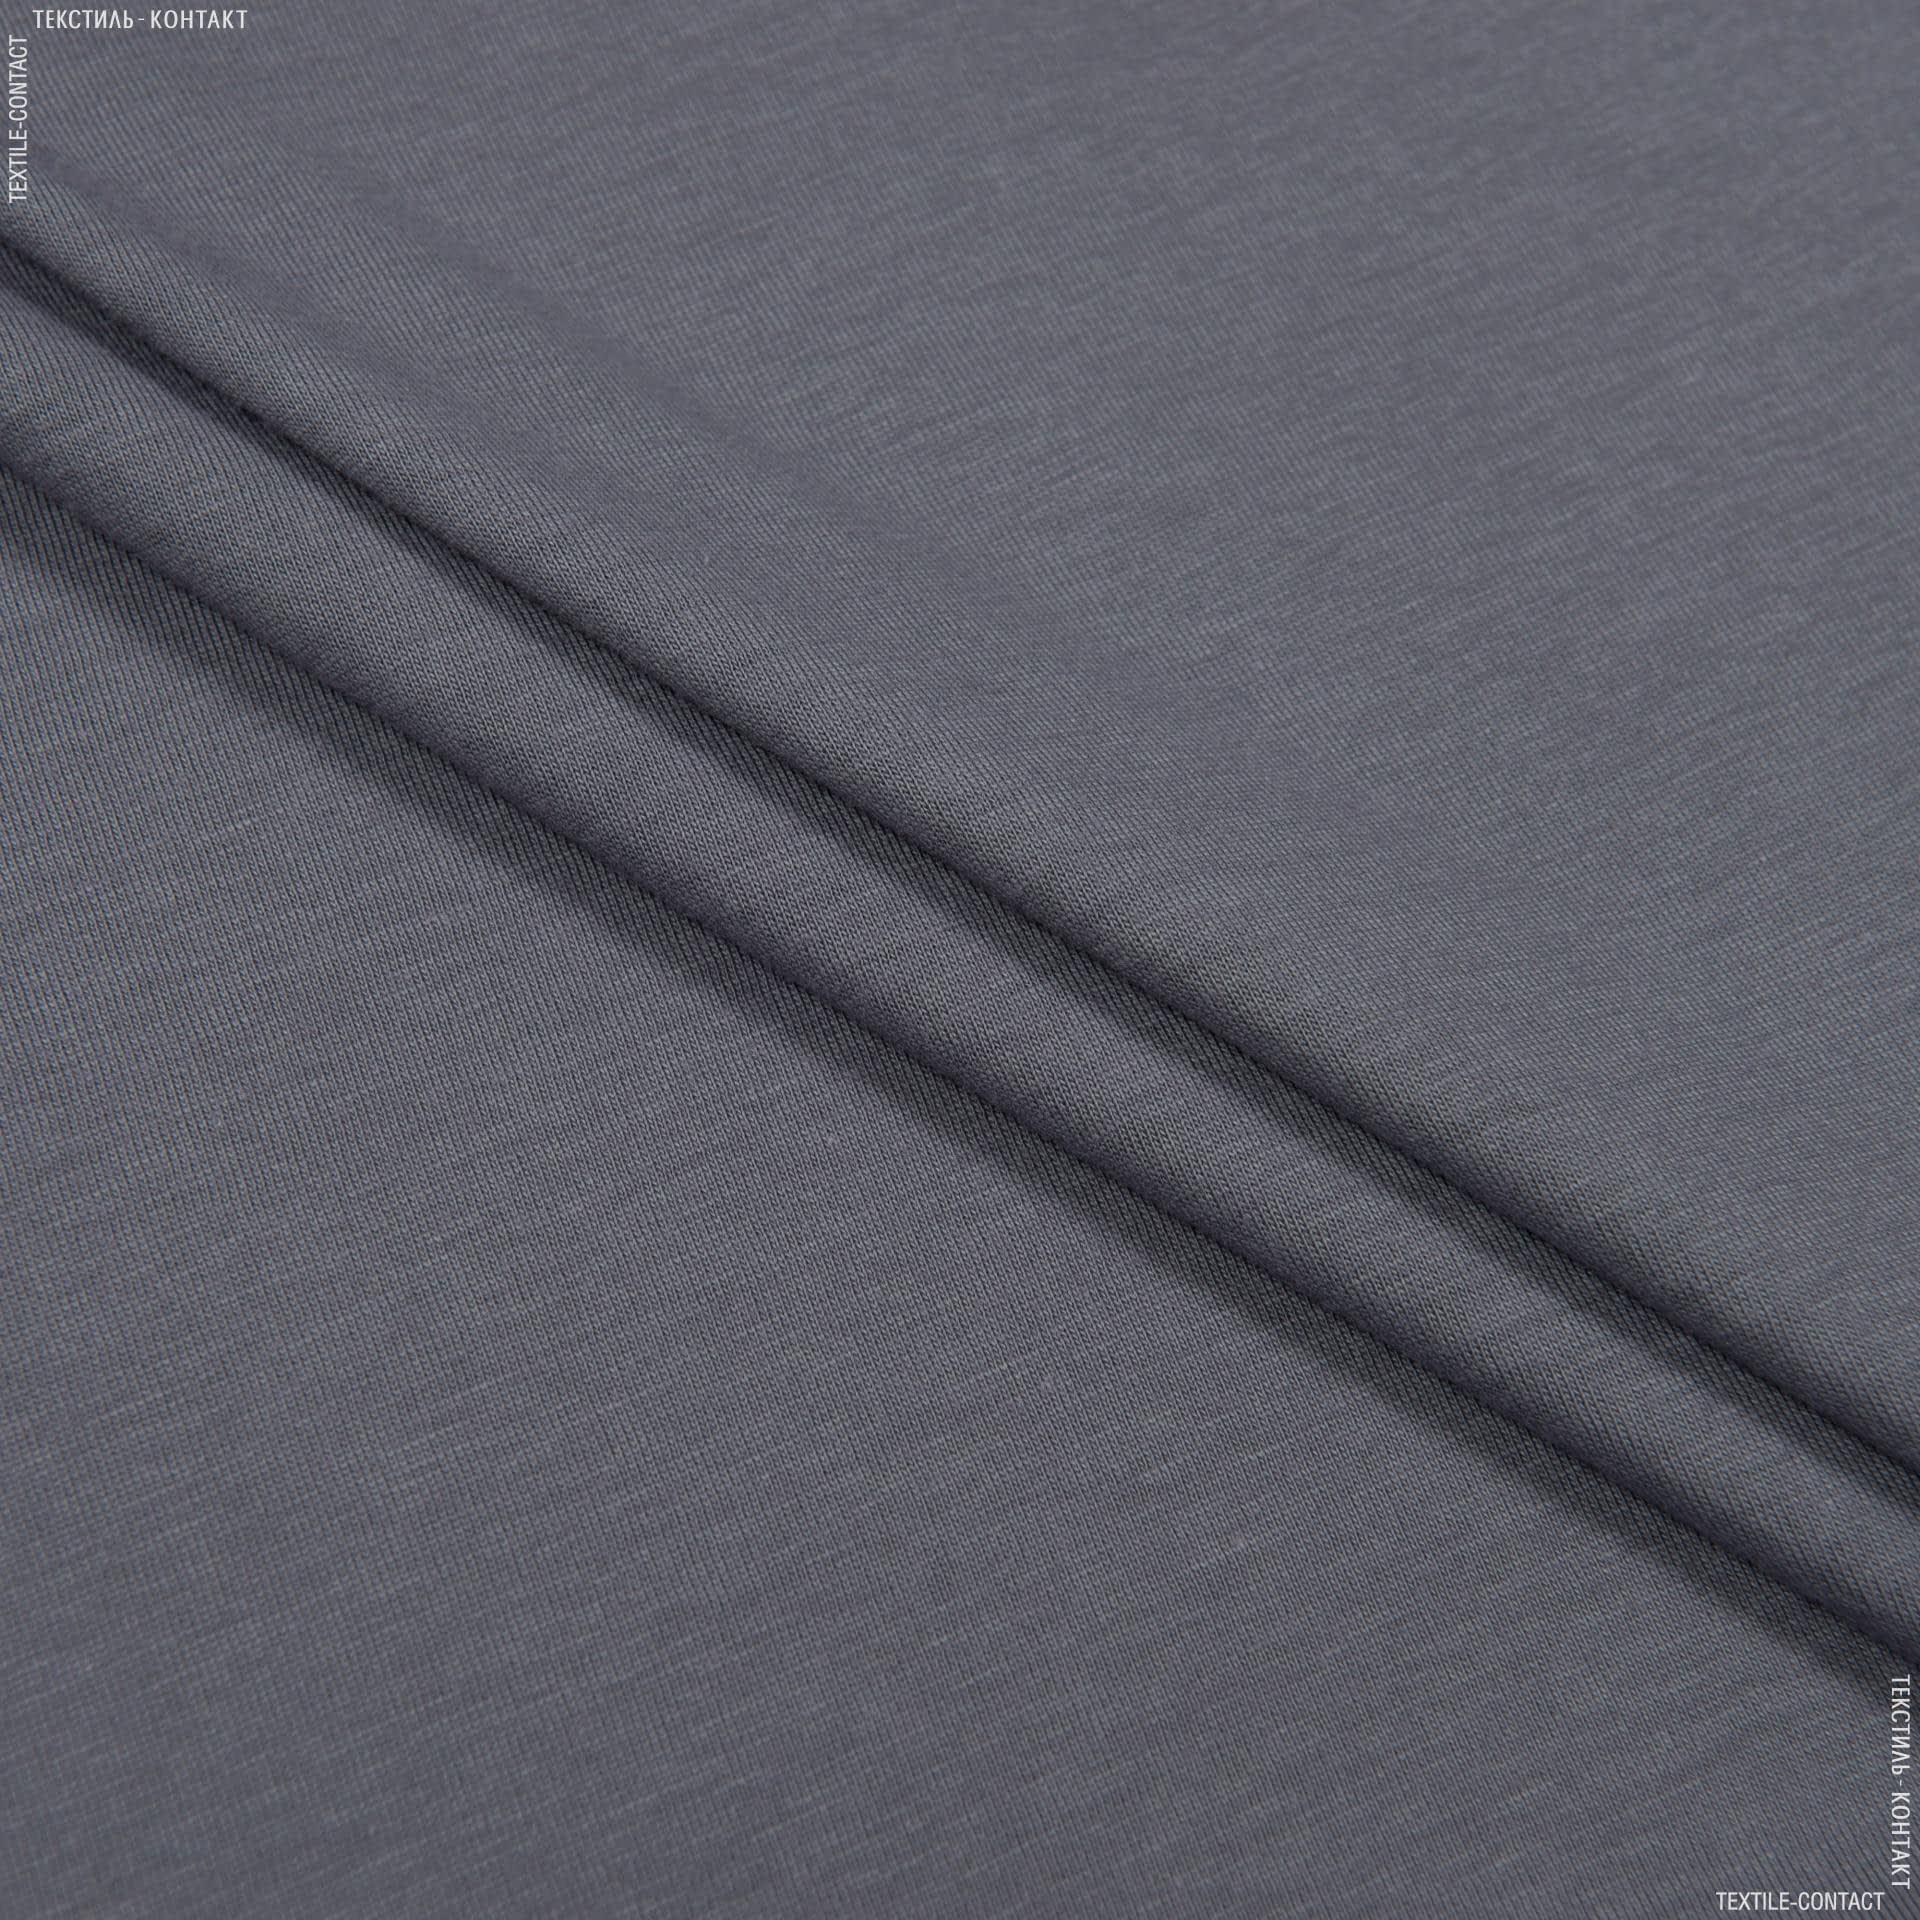 Тканини підкладкова тканина - Трикотаж підкладковий синій